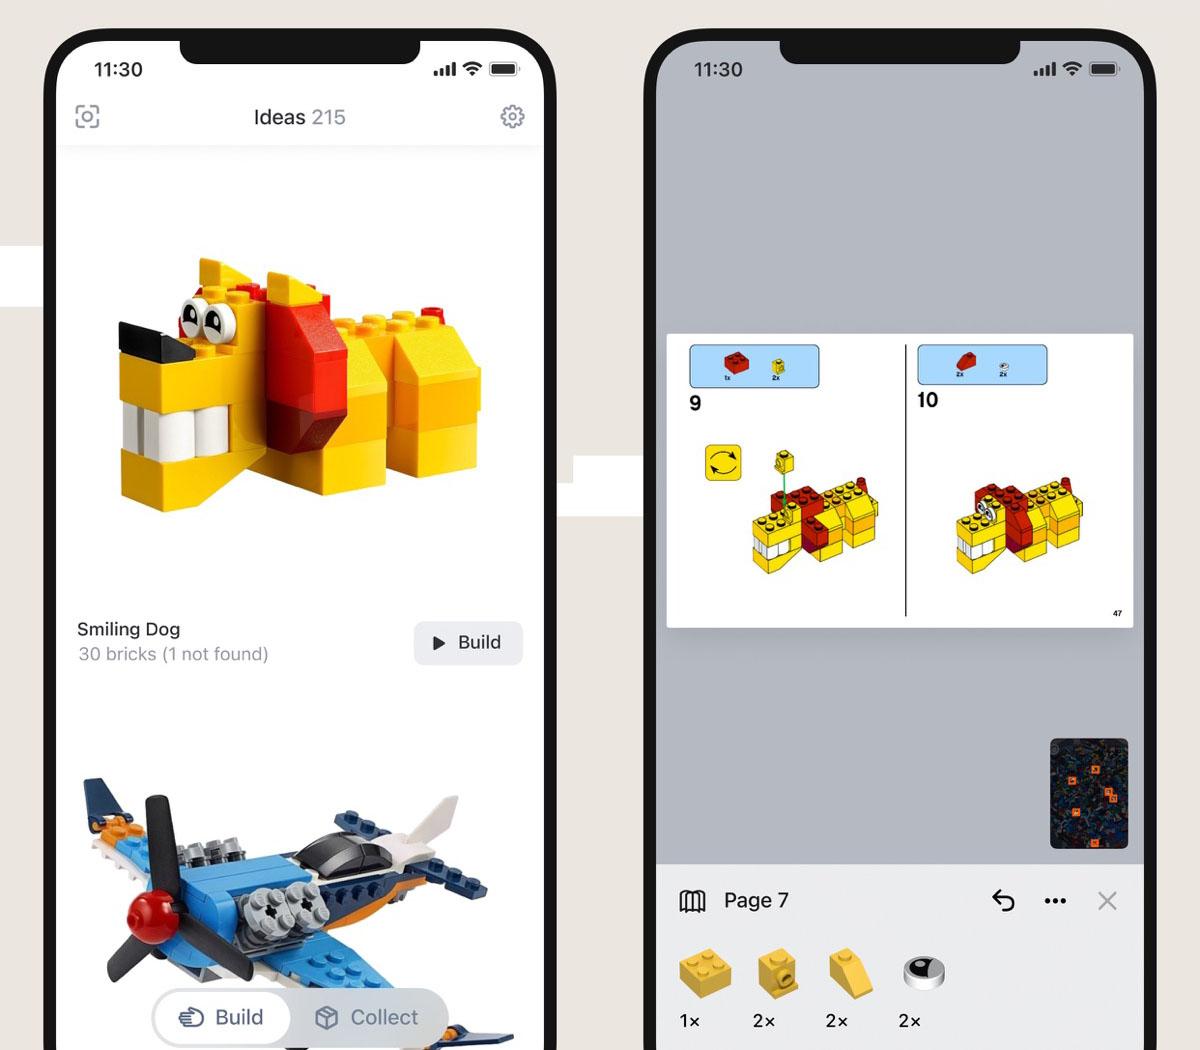 Obrazek przedstawia propozycje zabawek do zbudowania, które stworzyła aplikacja Brickit oraz fragment instrukcji jak zbudować jedną z nich.